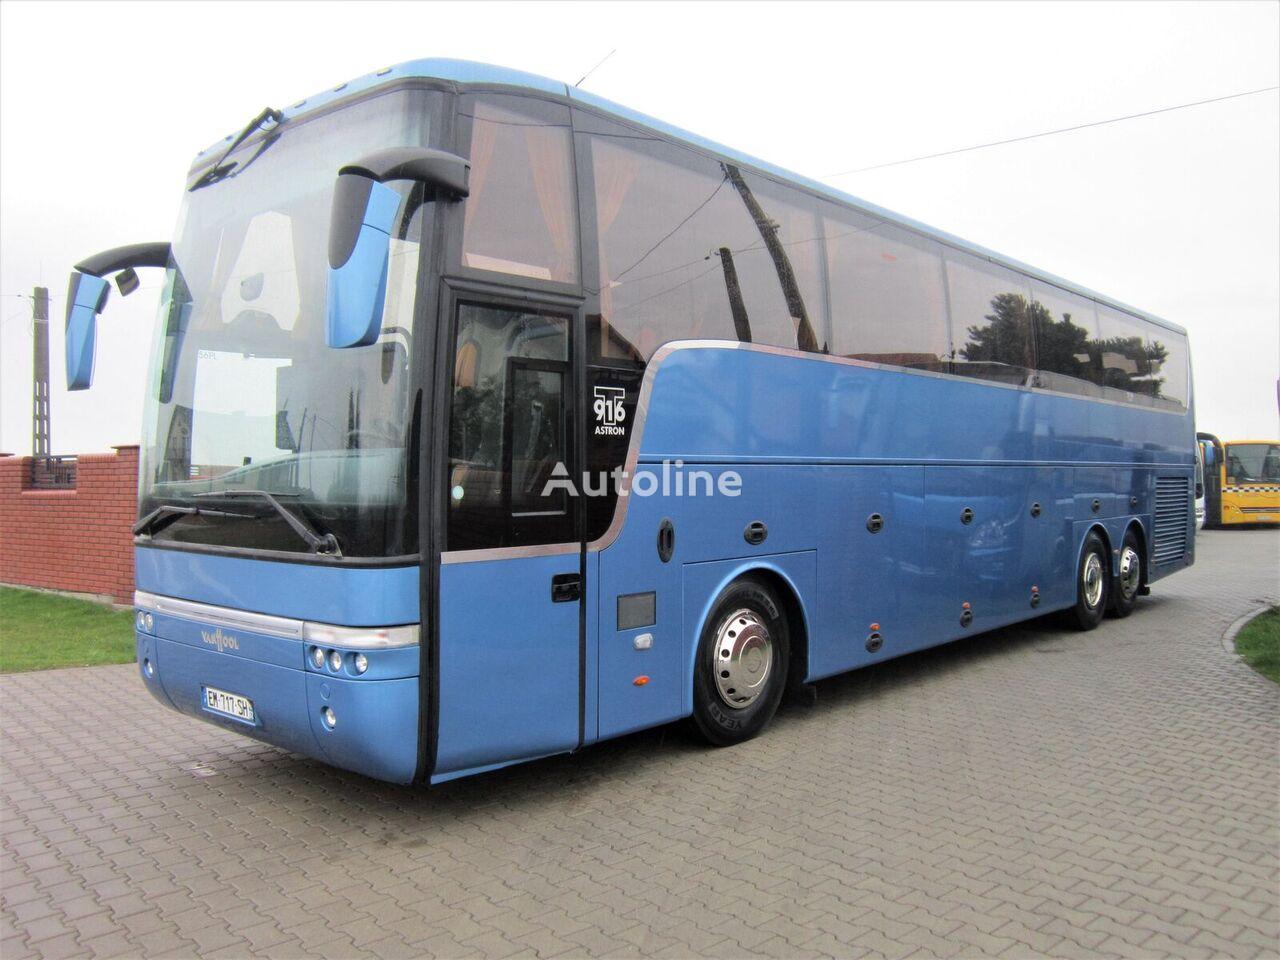 VAN HOOL T916 ASTRON turistbuss